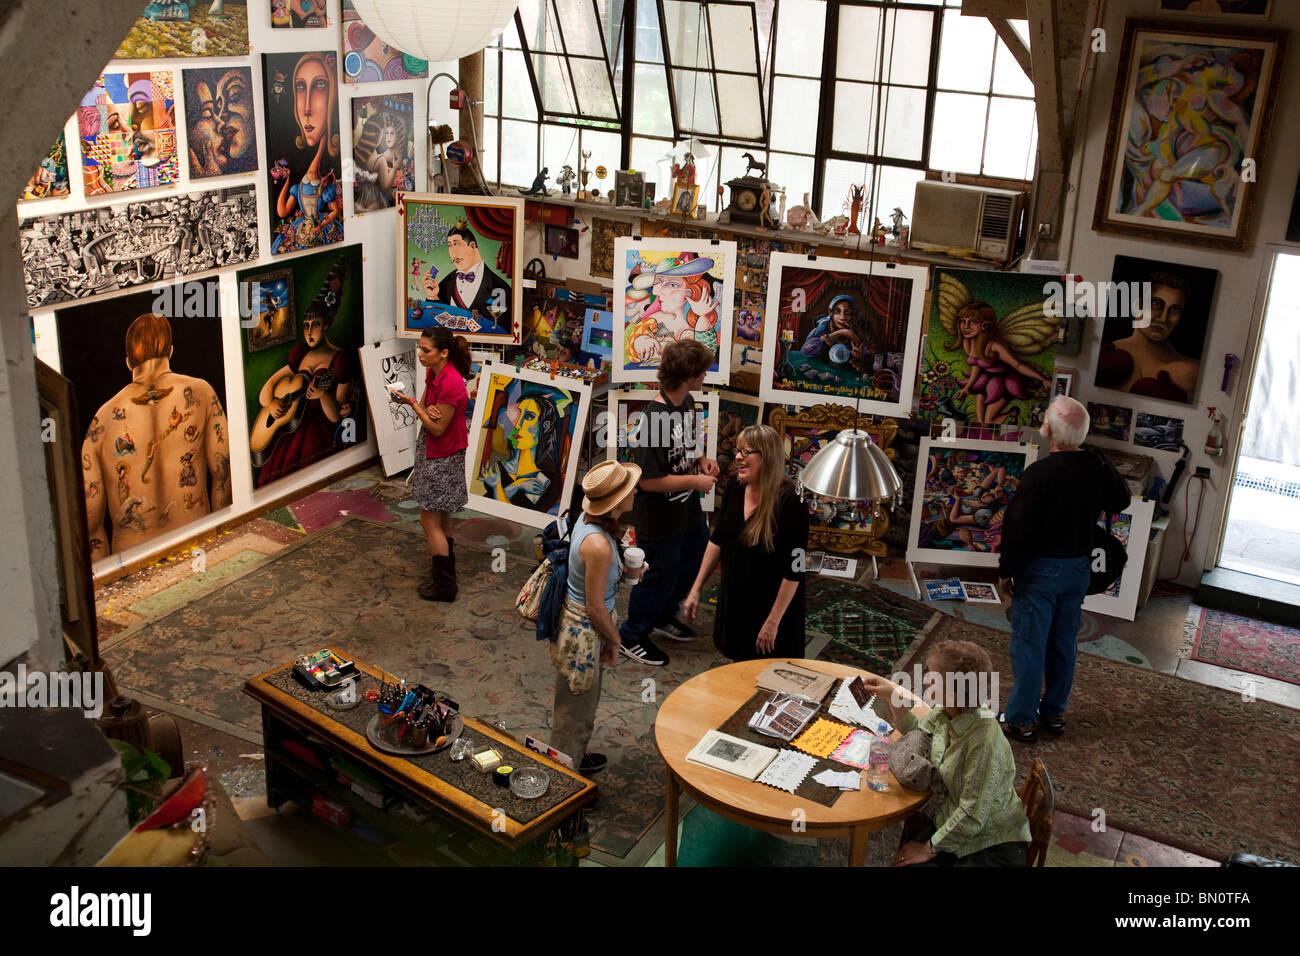 Jett Jackson S Studio Santa Fe Art Colony Open House Los Angeles Stock Photo Alamy